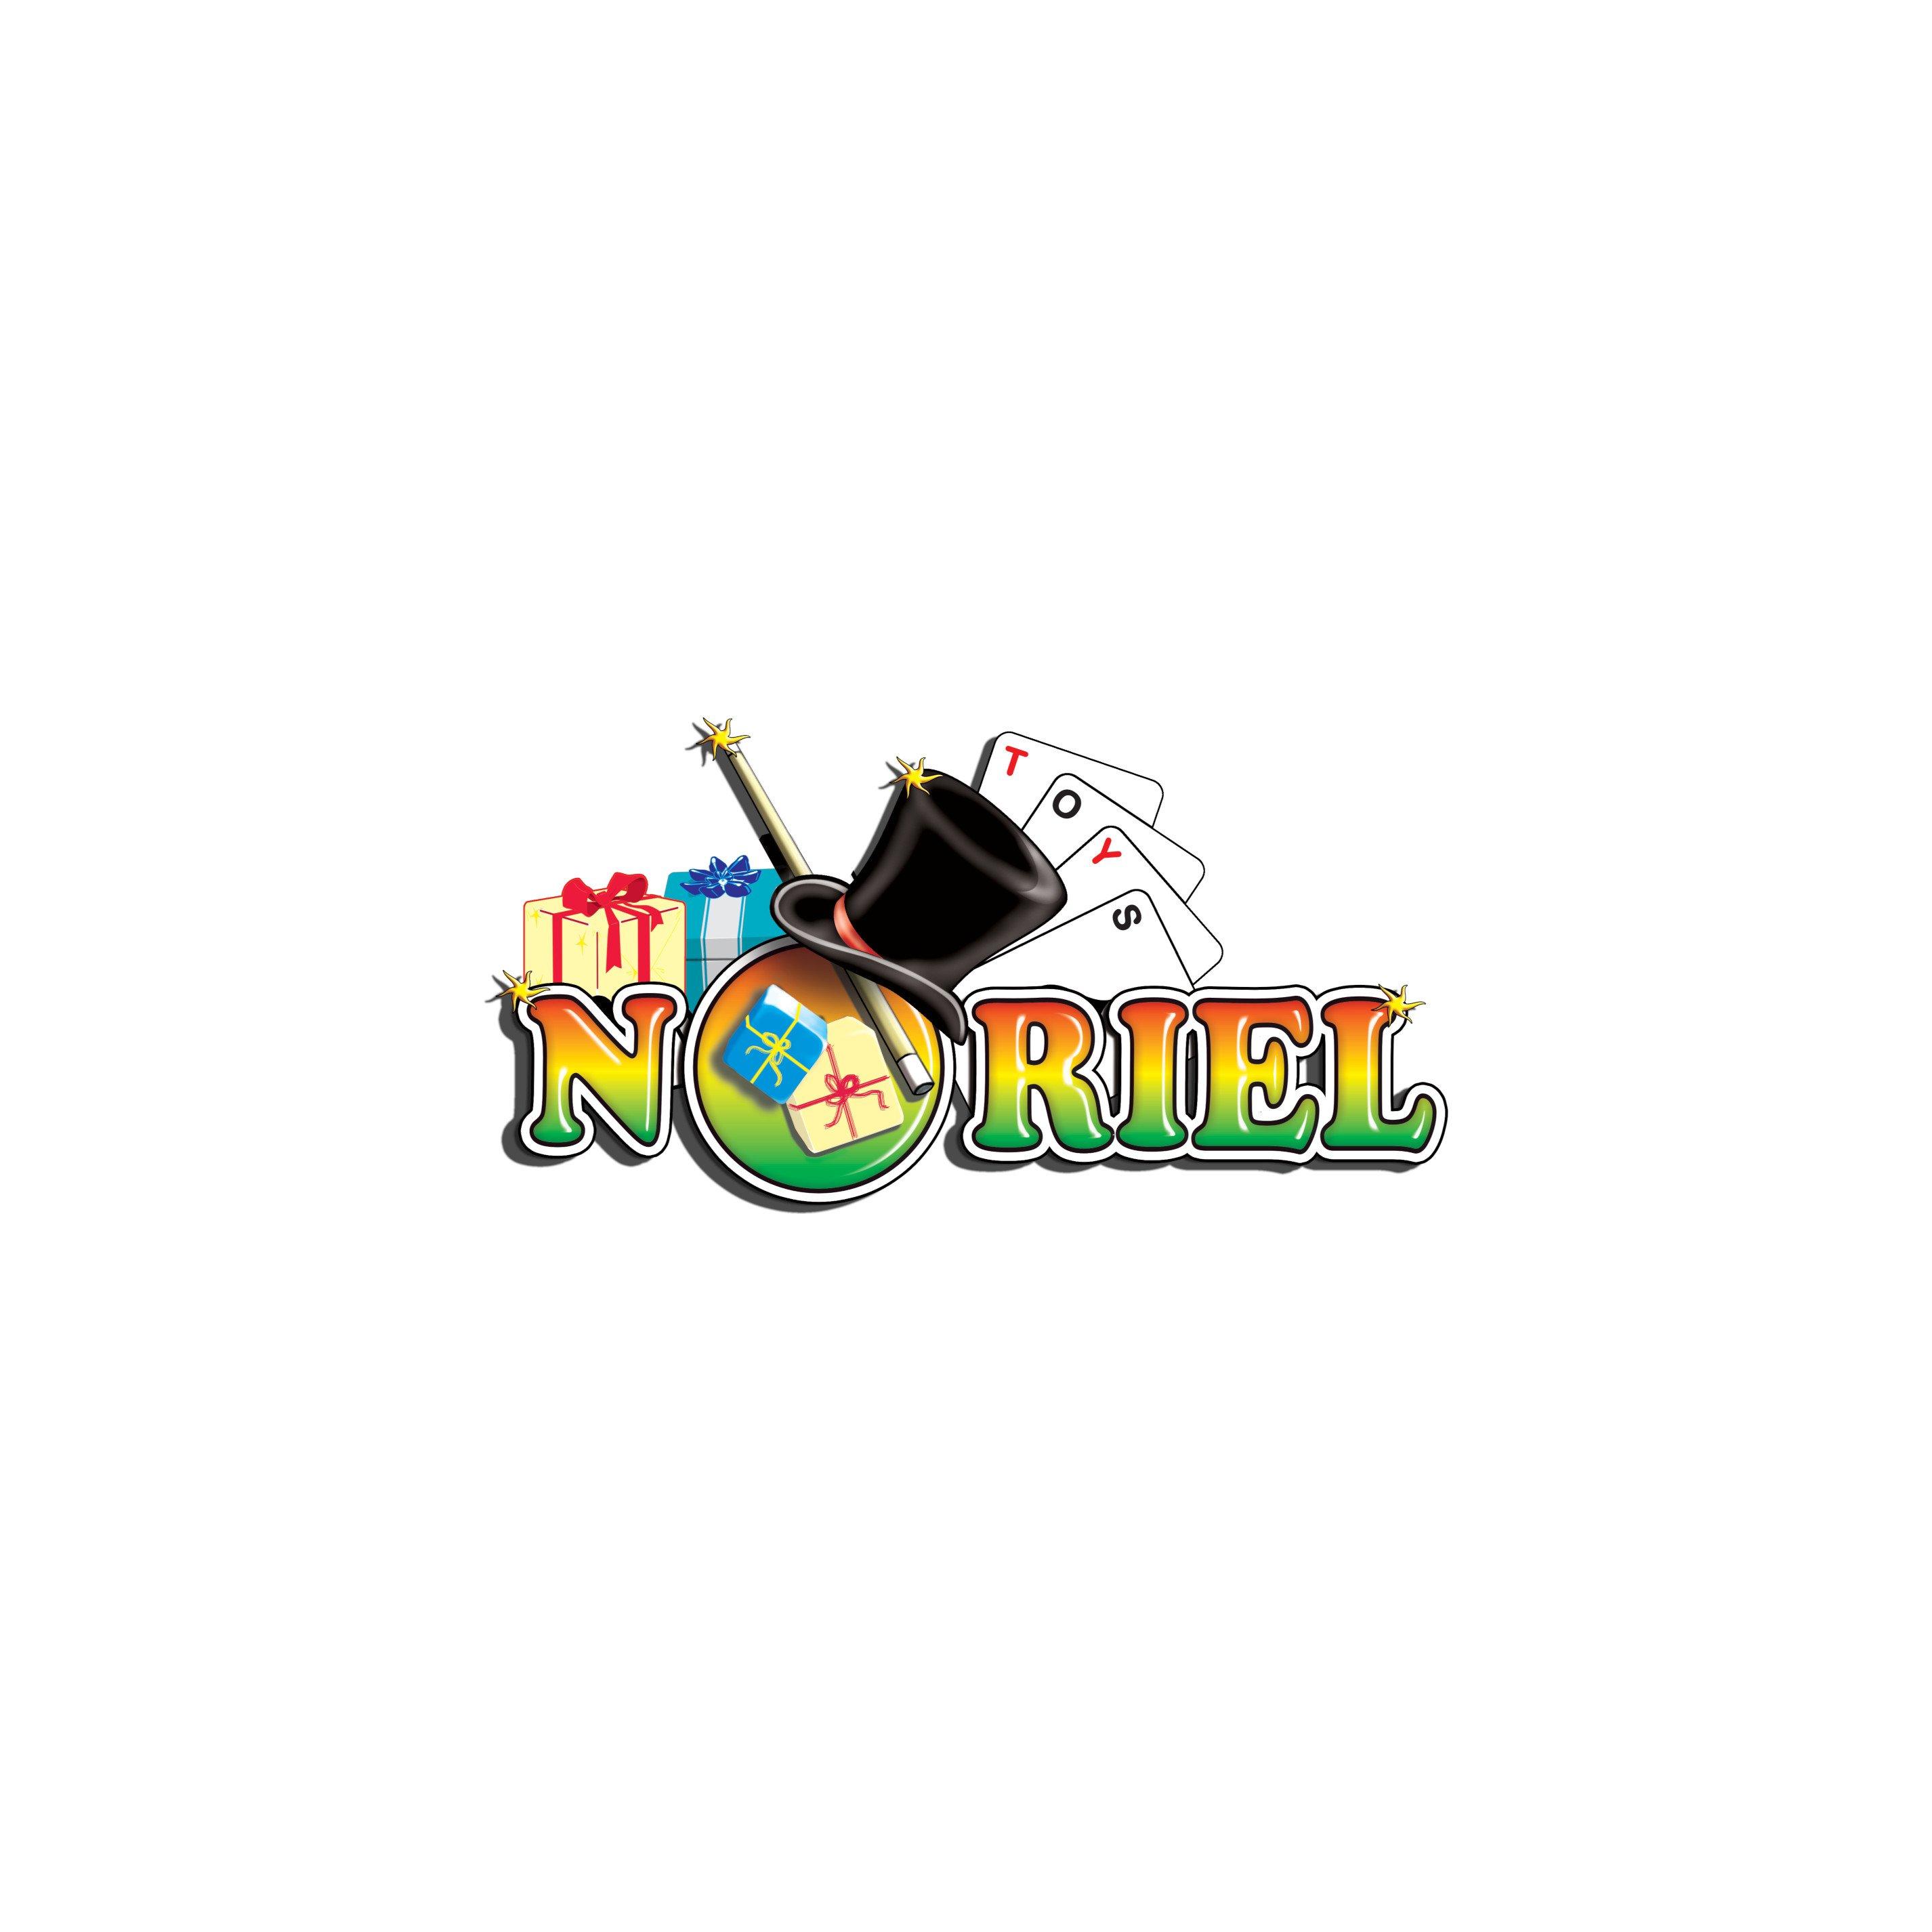 Baloane Oonies - Jungle Wildlife